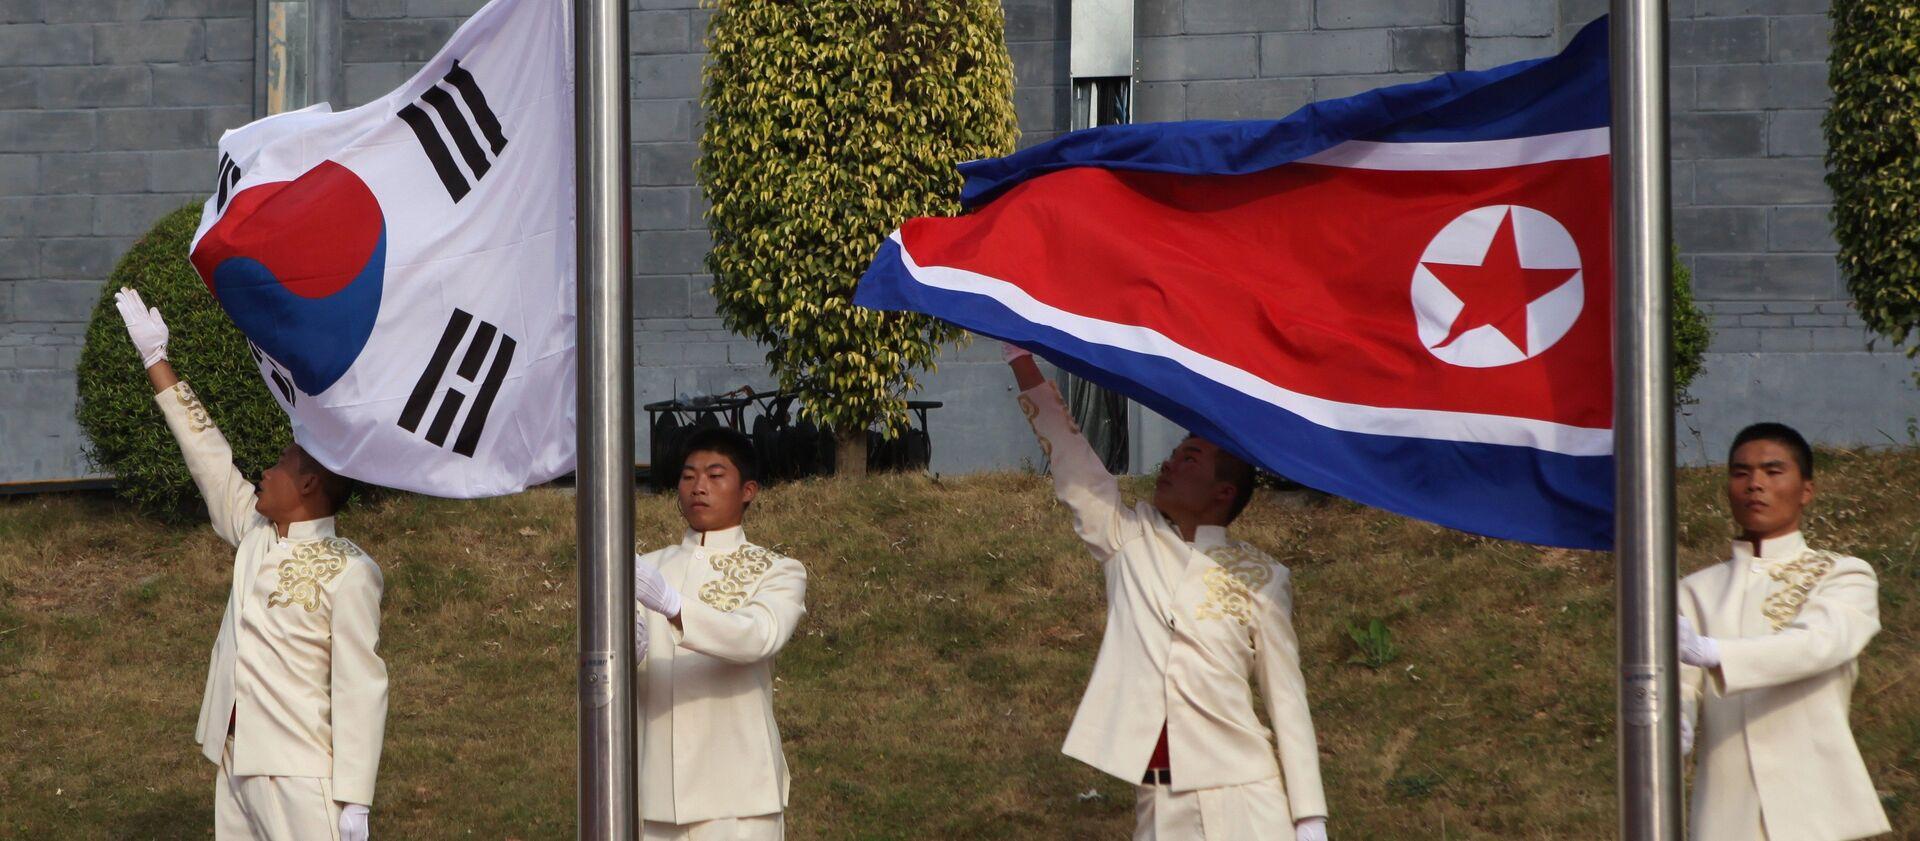 Các quốc kỳ của Hàn Quốc và Trung Quốc  - Sputnik Việt Nam, 1920, 05.08.2021